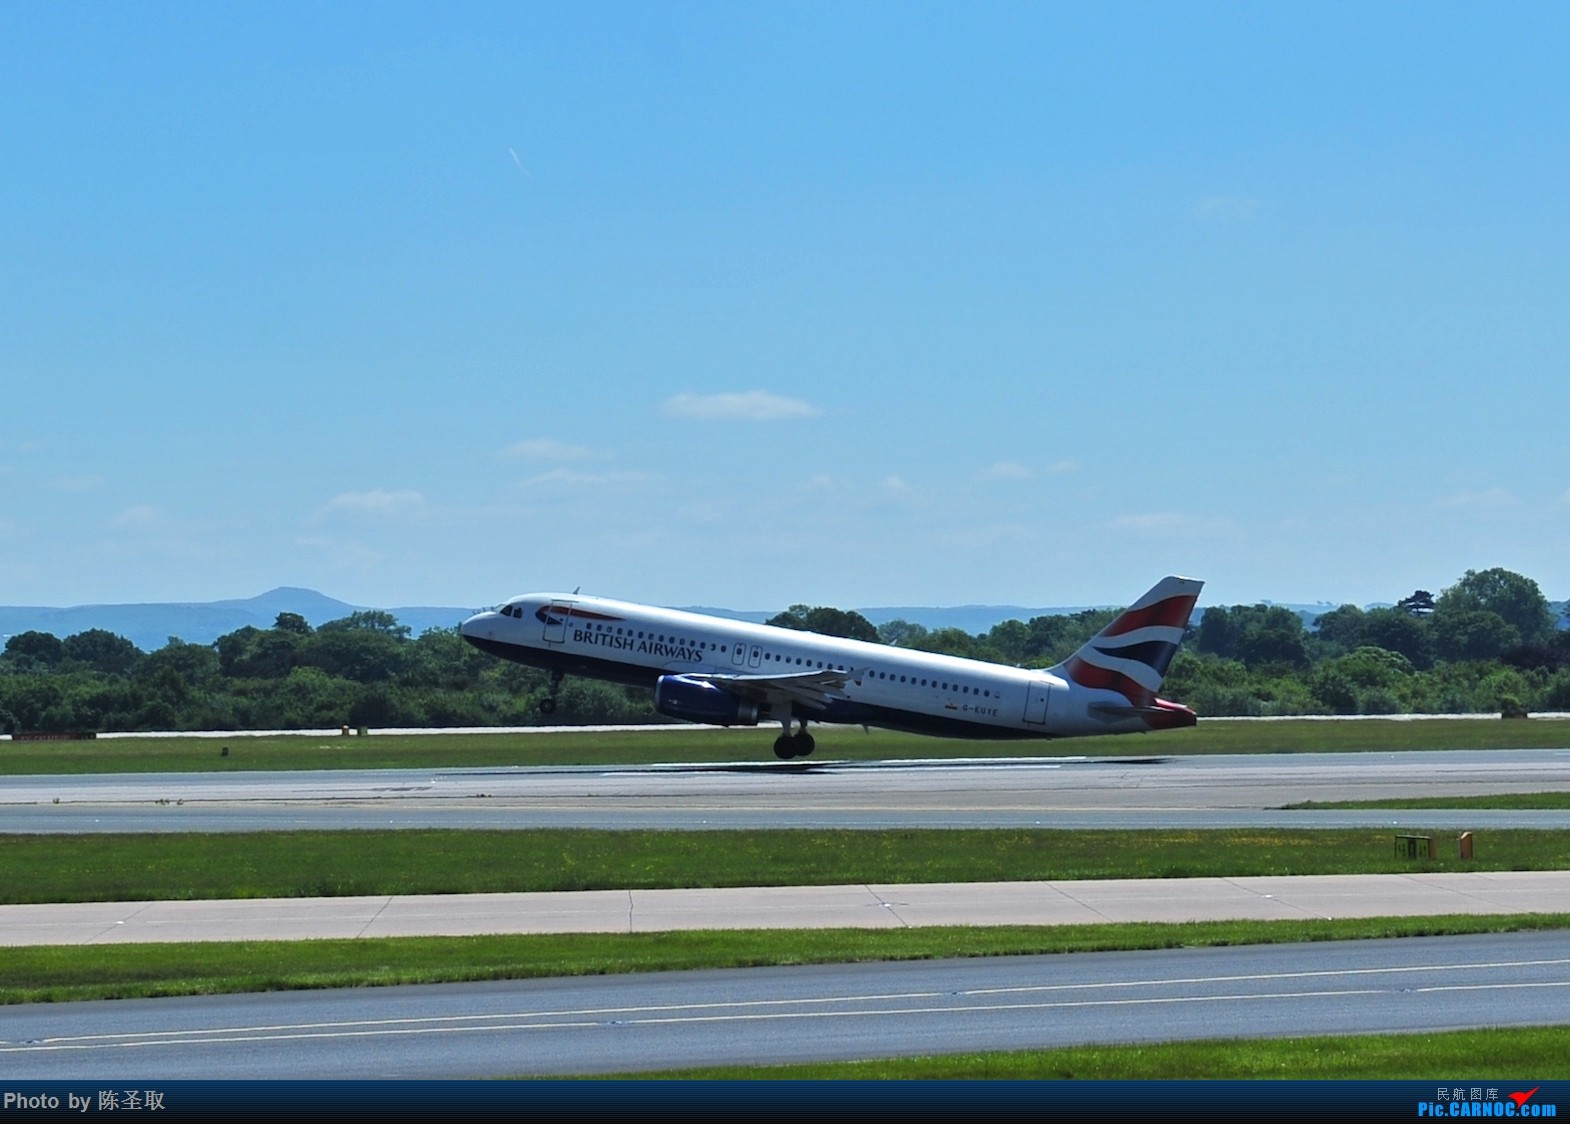 [原创]迟来的6月曼城拍机图。廉价航空的天堂,曼彻斯特机场~ AIRBUS A320-232 G-EUYE 英国曼彻斯特机场